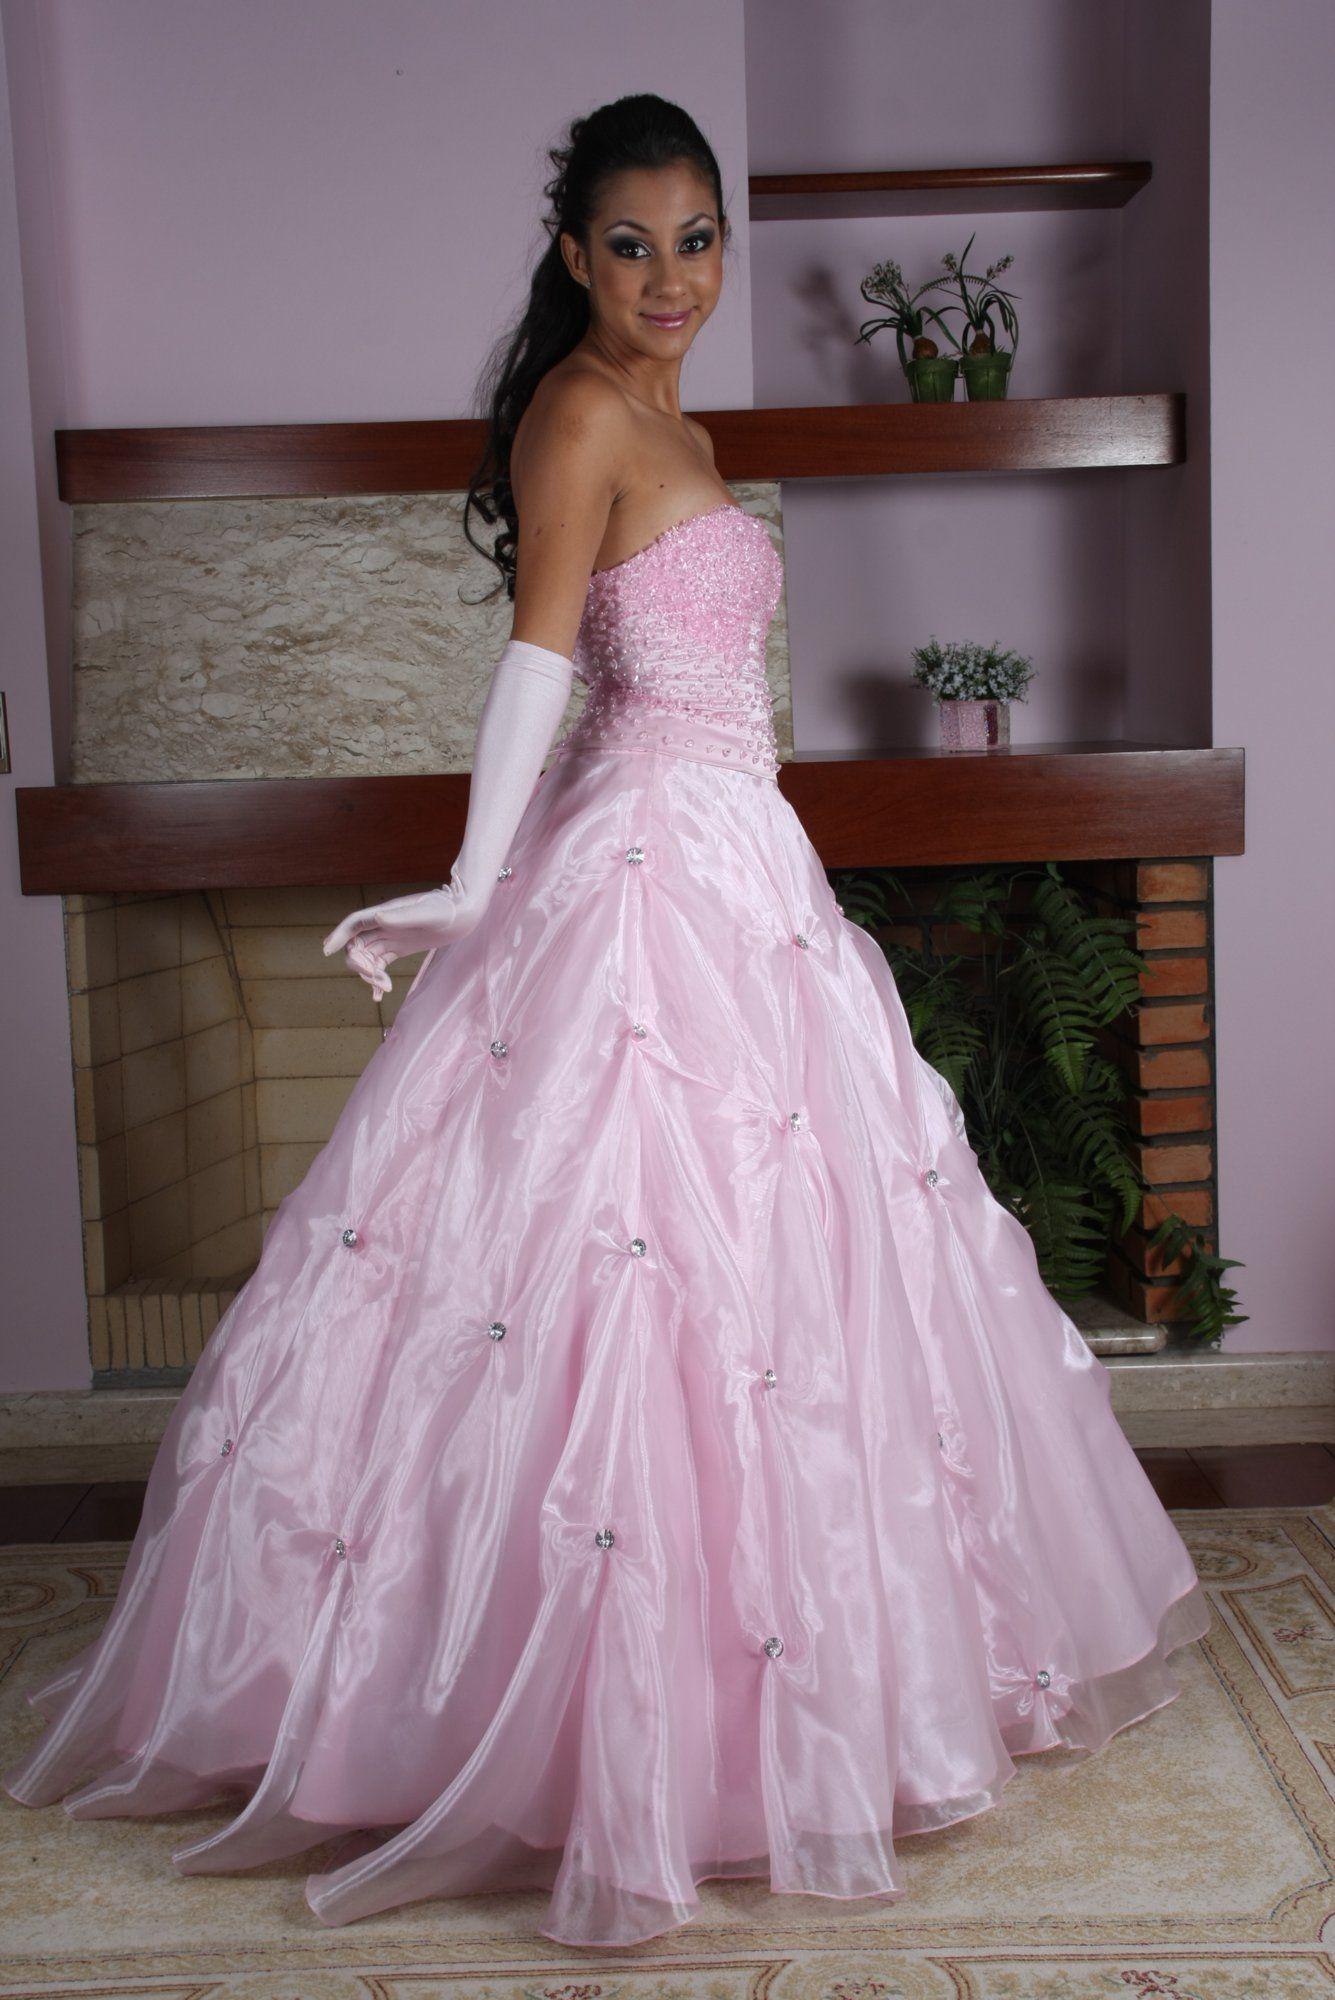 Vestido de Debutante Rosa - 5 - Hipnose Alta Costura e Spa para Noivas e Noivos - Campinas - SP Vestido de Debutante, Vestido de Debutante Rosa, Hipnose Alta Costura